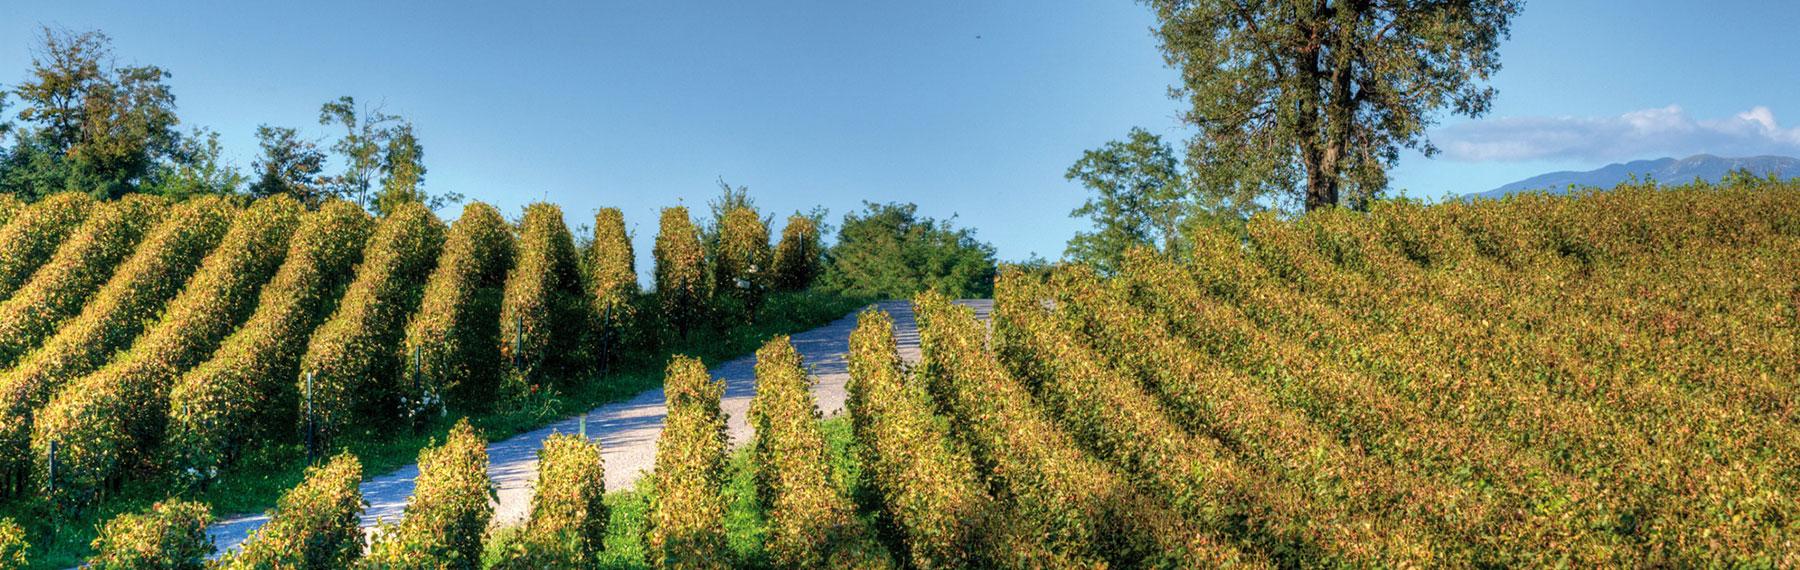 franciacorta hills